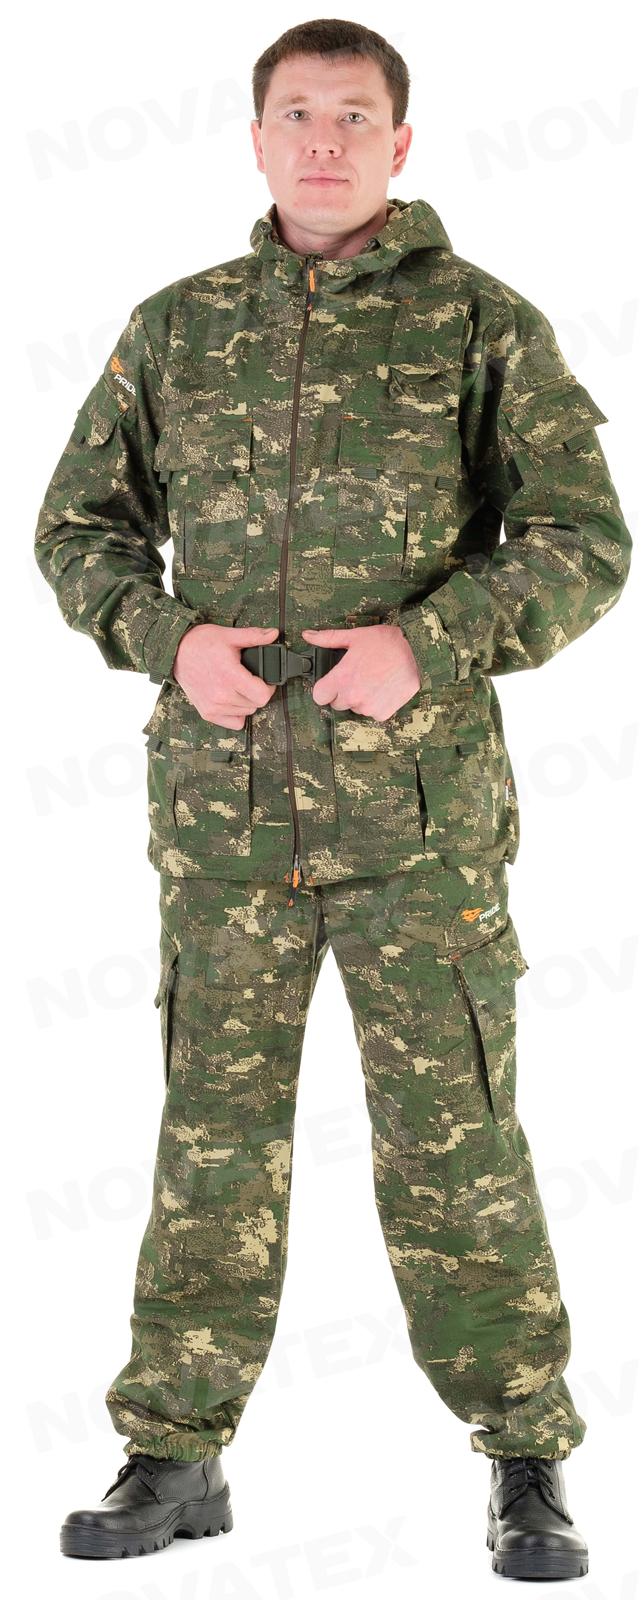 Костюм «Росомаха» (хлопок, сафари) PRIDE (44-46 Костюмы неутепленные<br>Ткань: 100% хлопок. Плотность: 250 г/кв.м. Многофункциональный <br>костюм «Росомаха» (ТМ «PRIDE») от Novatex для активного <br>отдыха. Состоит из удлиненной куртки и брюк-полукомбинезона. <br>В куртке четыре объемных накладных кармана <br>на кнопках, карман под рацию, два накладных <br>кармана на рукавах, внутренний карман на <br>контактной ленте. Широкие шлевки под тактический <br>ремень. На спинке куртка по талии собрана <br>на широкую резинку. Низ куртки утягивается. <br>Капюшон с утяжкой по овалу лица и по объему. <br>Манжеты рукавов на эластичной ленте, дополнительно <br>регулируются по объему. В брюках два накладных <br>кармана на кнопках, два кармана у пояса. <br>Низ брюк собран на резинку. Пояс брюк с эластичными <br>вставками по бокам, с шлевками под ремень, <br>застегивается на молнию и пуговицу. Спинка <br>легко отстегивается и полукомбинезон превращается <br>в брюки. Подтяжки регулируются по высоте, <br>имеют эластичные вставки для удобства. <br>Костюм «Росомаха» отлично подойдет для <br>охоты, рыбалки и туризма.<br><br>Пол: мужской<br>Размер: 44-46<br>Рост: 170-176<br>Сезон: лето<br>Цвет: зеленый